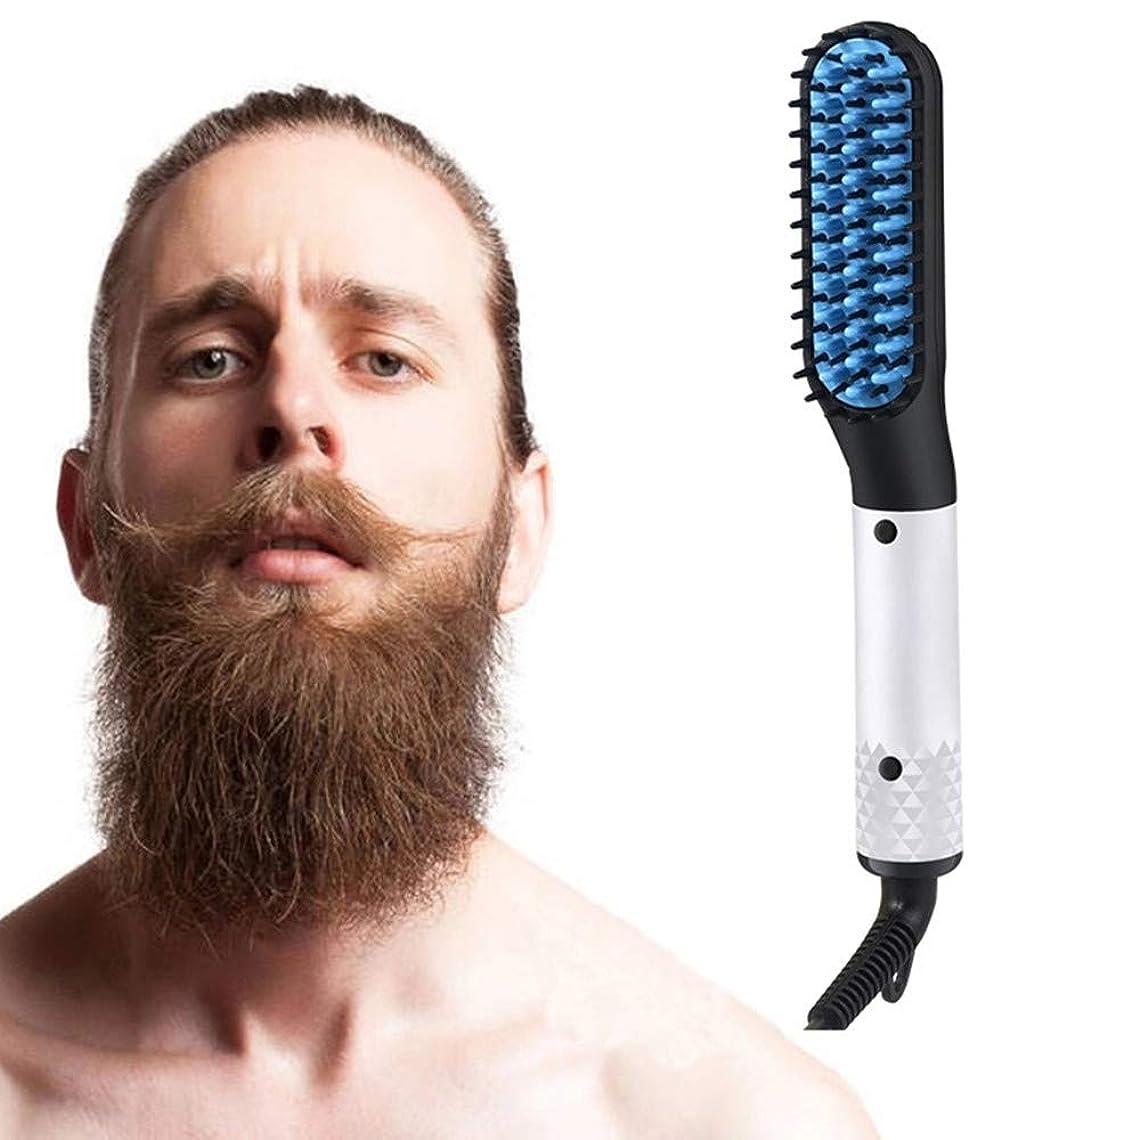 動的離れた間欠ビアードストレイテナーくしストレートヘアブラシ電気温水イオンセラミック毛のストレートブラシは、より高速な暖房で、ホットツール髪フラットカーリング鉄は高速アンチゴールドとシェーピング